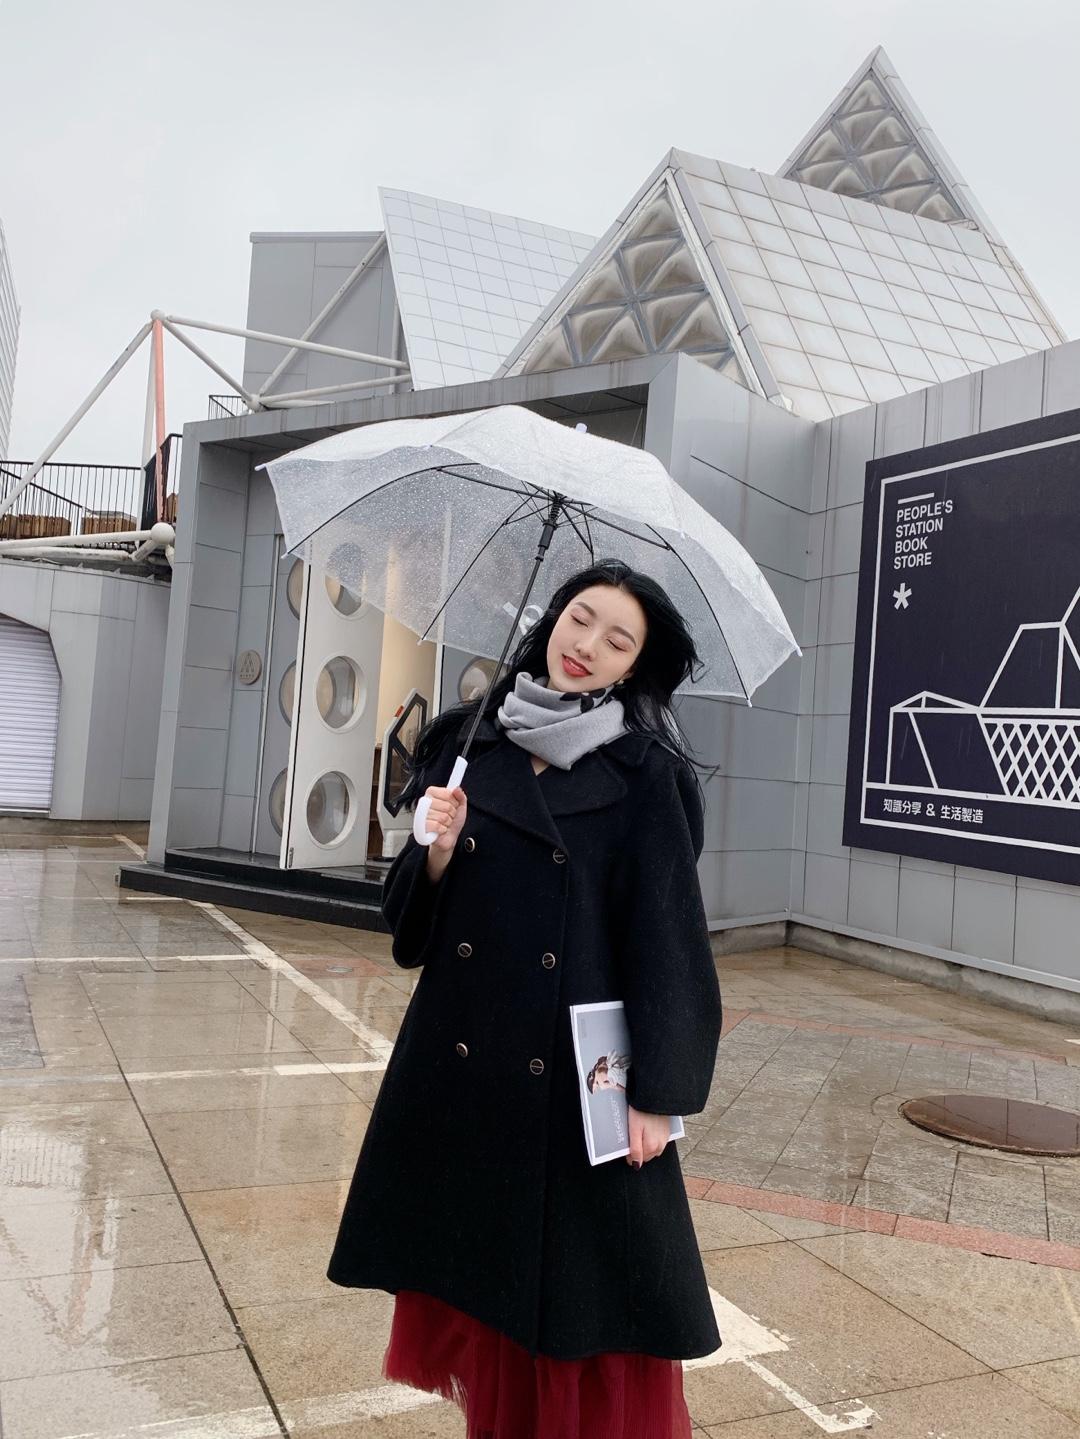 下雨天也好好拍 黑色大衣搭配红色灯笼纱裙超级适合过年呀#2020入手的第一件新衣#@蘑菇look君